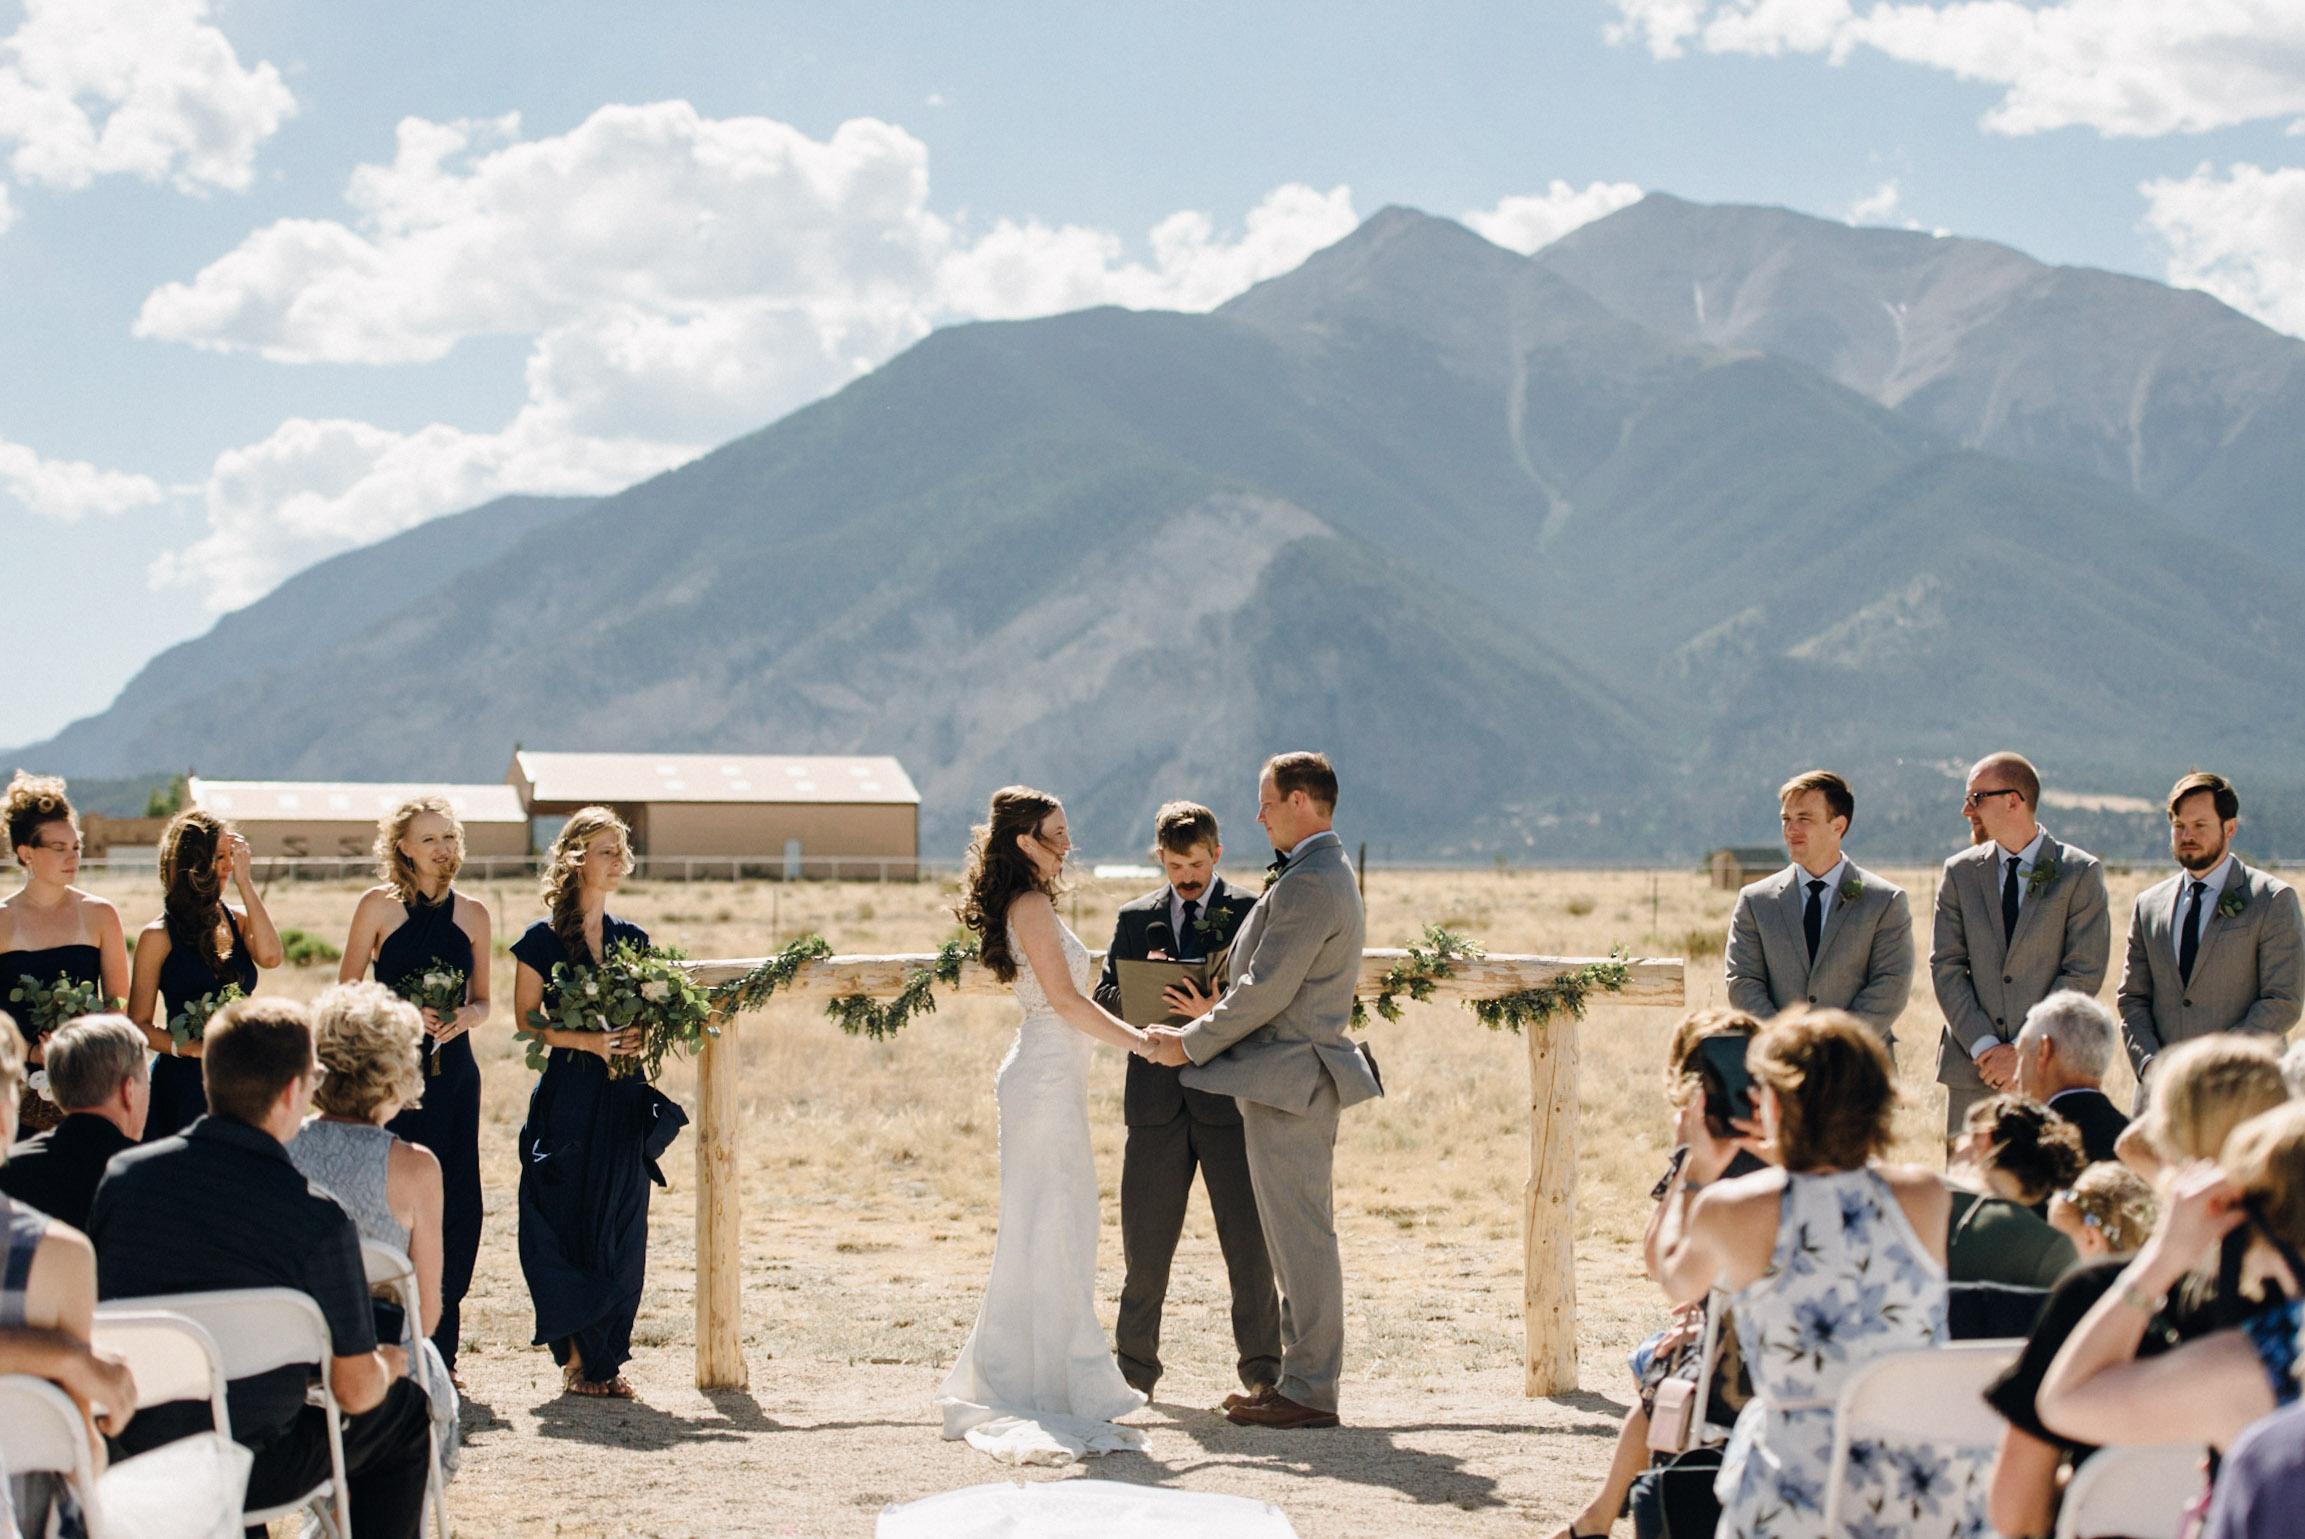 Dain_Michelle_Buena_Vista_Wedding (68 of 136).jpg